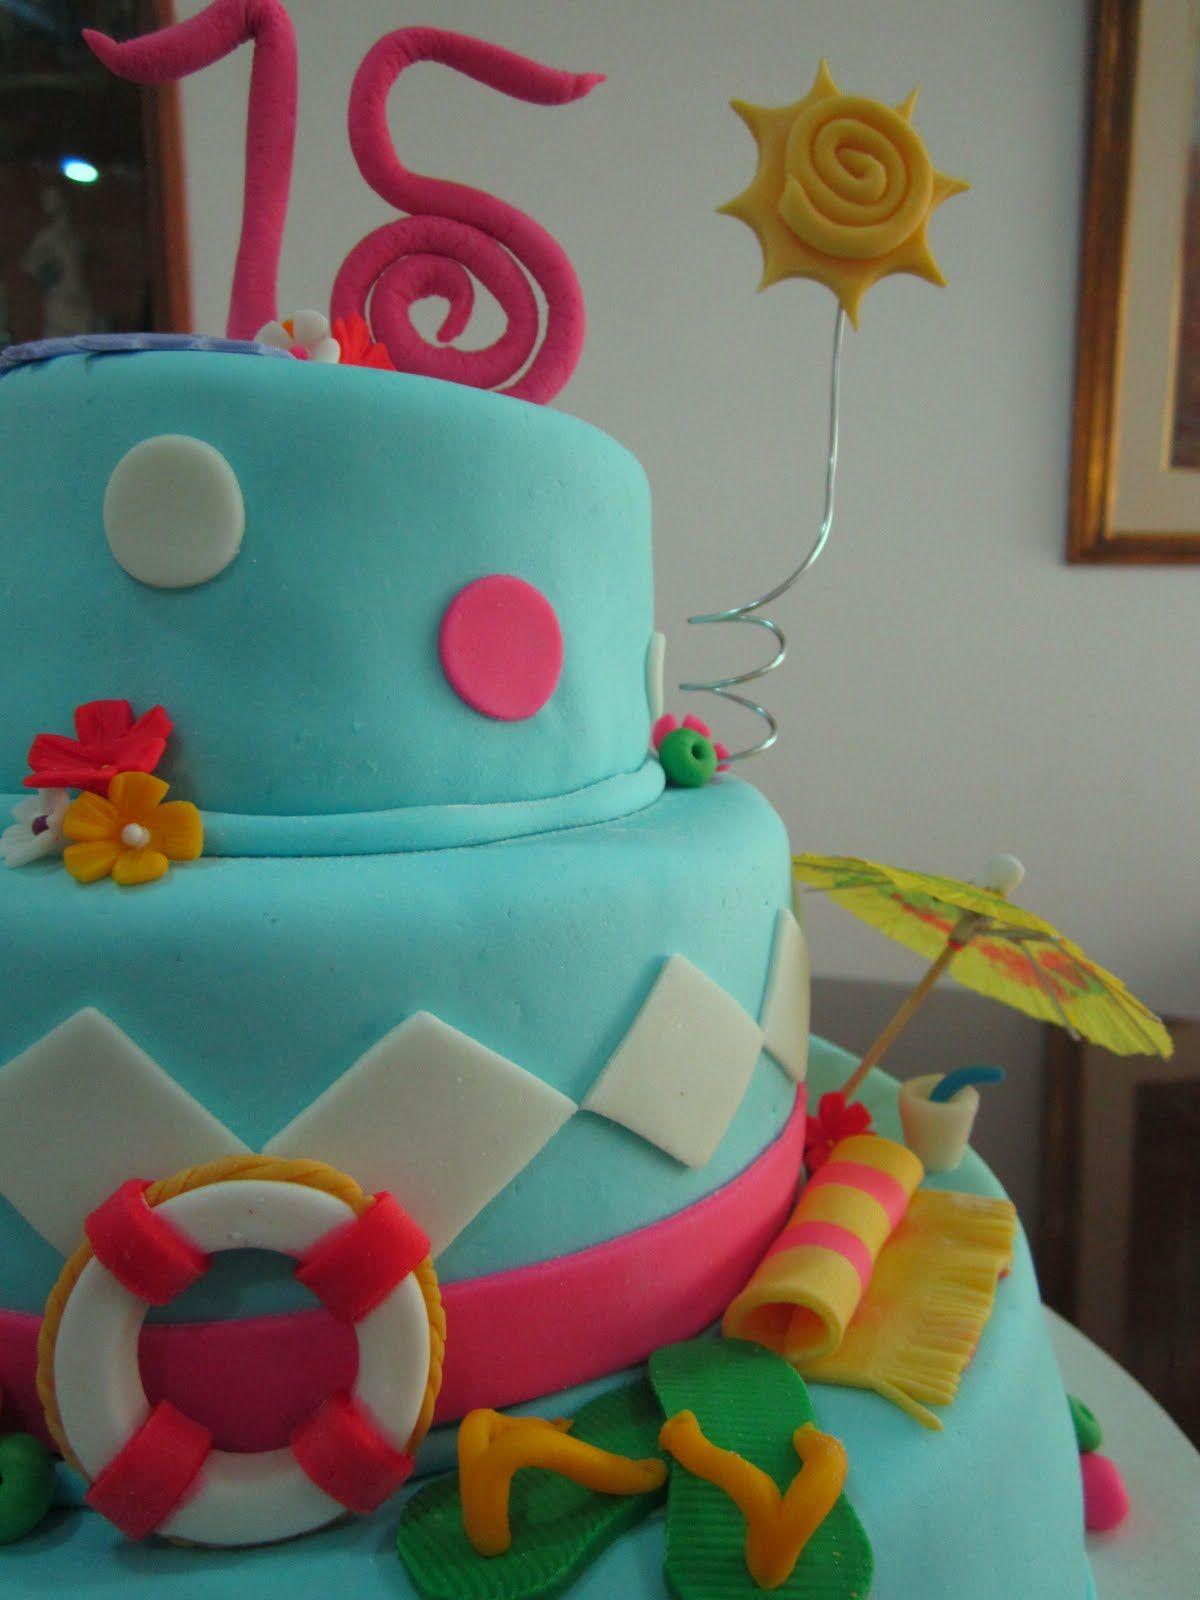 Nuevas tendencias en decoraci n de tortas tortas de 15 for Ultimas tendencias en decoracion